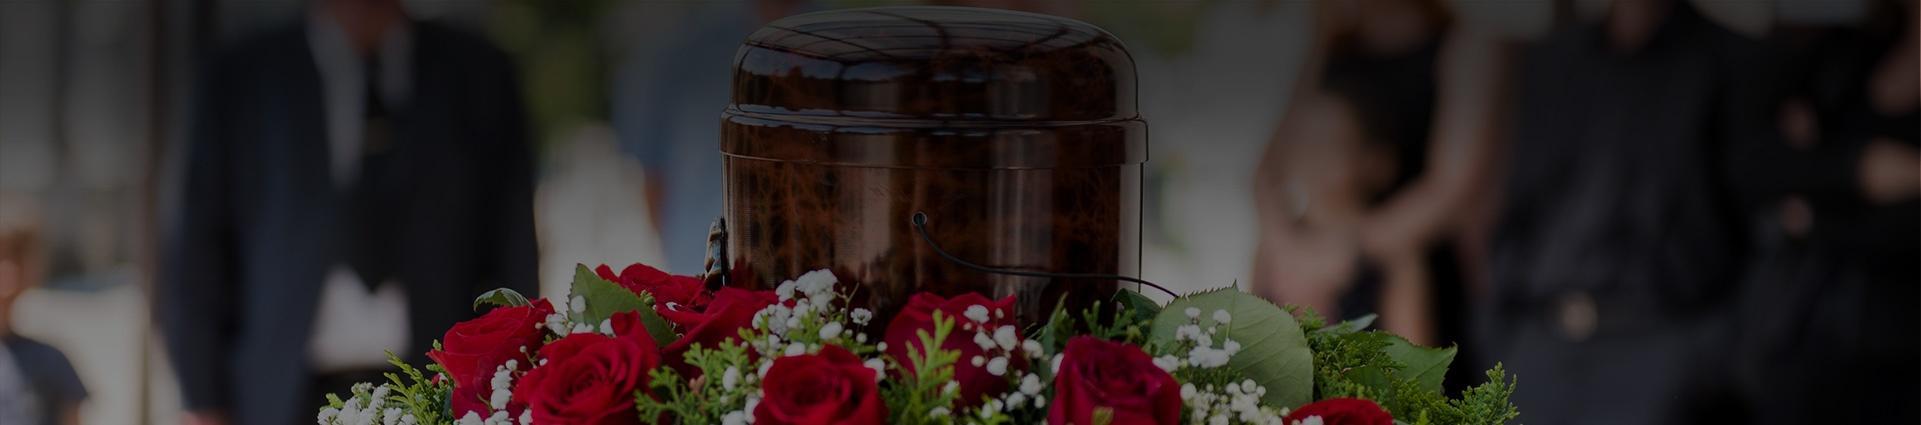 Urna pogrzebowa stojąca na wieńcu